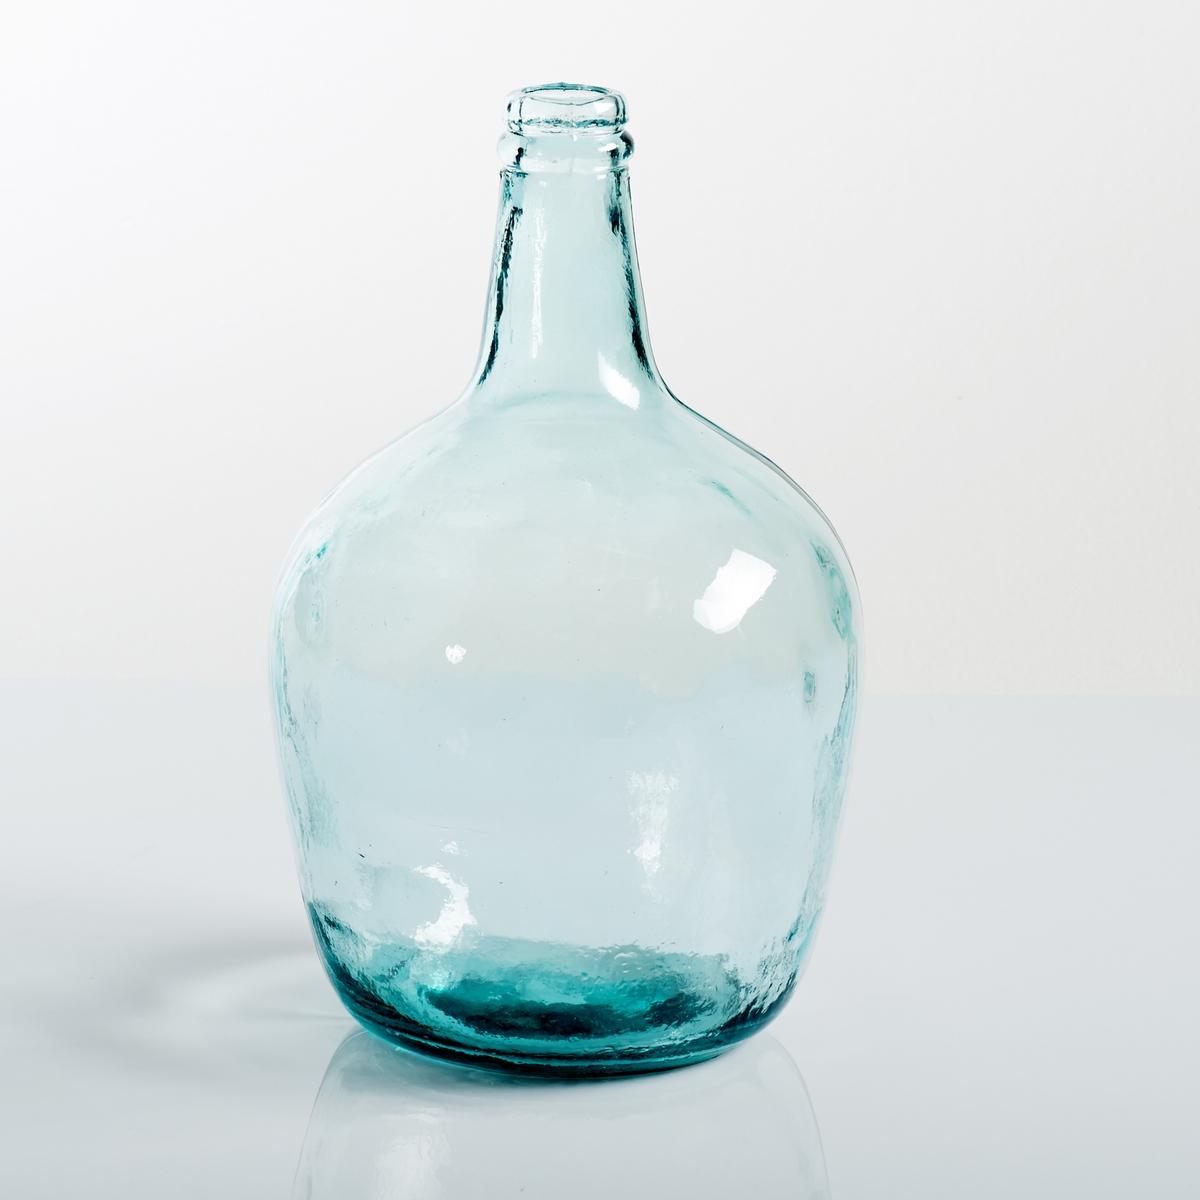 Вазы-бутыли стеклянные IzoliaСтеклянные вазы-бутыли Izolia. Винтажная ваза Izolia ретро, в стиле старинных ваз. Описание ваз-бутылей Izolia:Дутое стекло.Характеристики ваз-бутылей Izolia:Переработанное стекло, эффект глянца.Найдите все предметы коллекции Izolia и другие декоративные предметы на сайте laredoute.ru.Размеры ваз-бутылей Izolia:Диаметр: 15,5 см.Высота: 30 см.<br><br>Цвет: розовый,стеклянный крашеный,темно-зеленый<br>Размер: размер 1